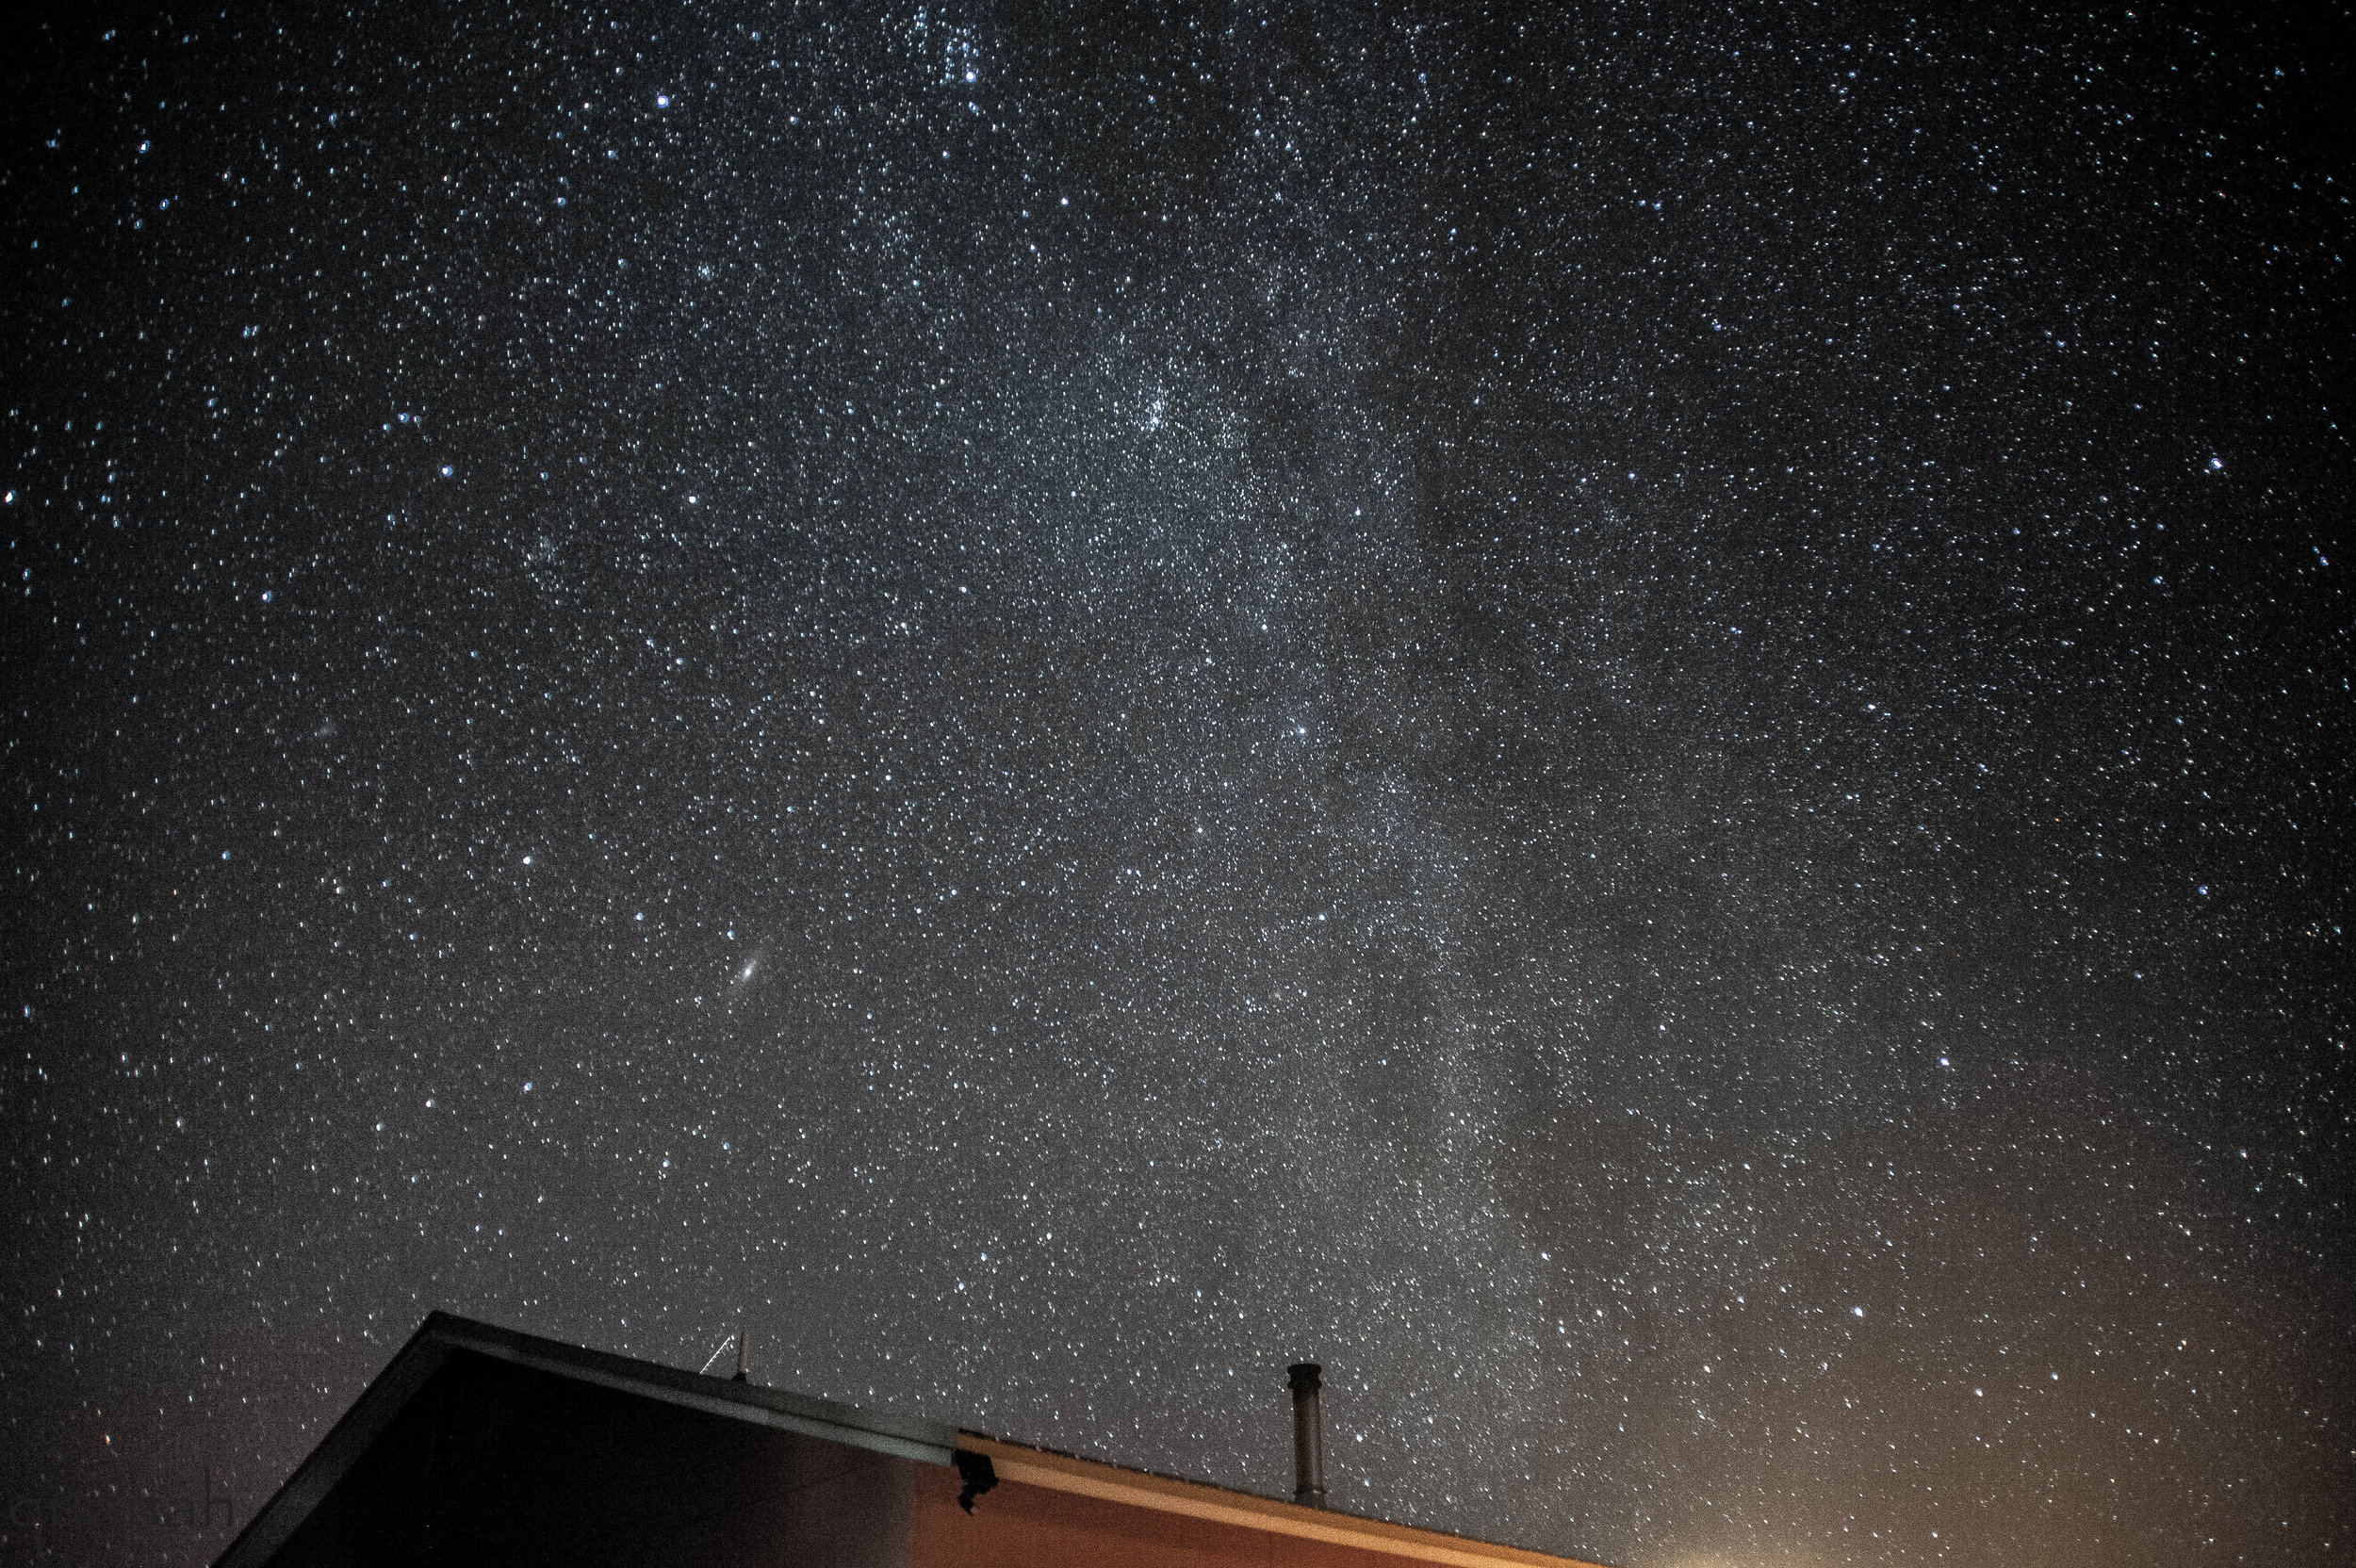 Milky Way Exhaust